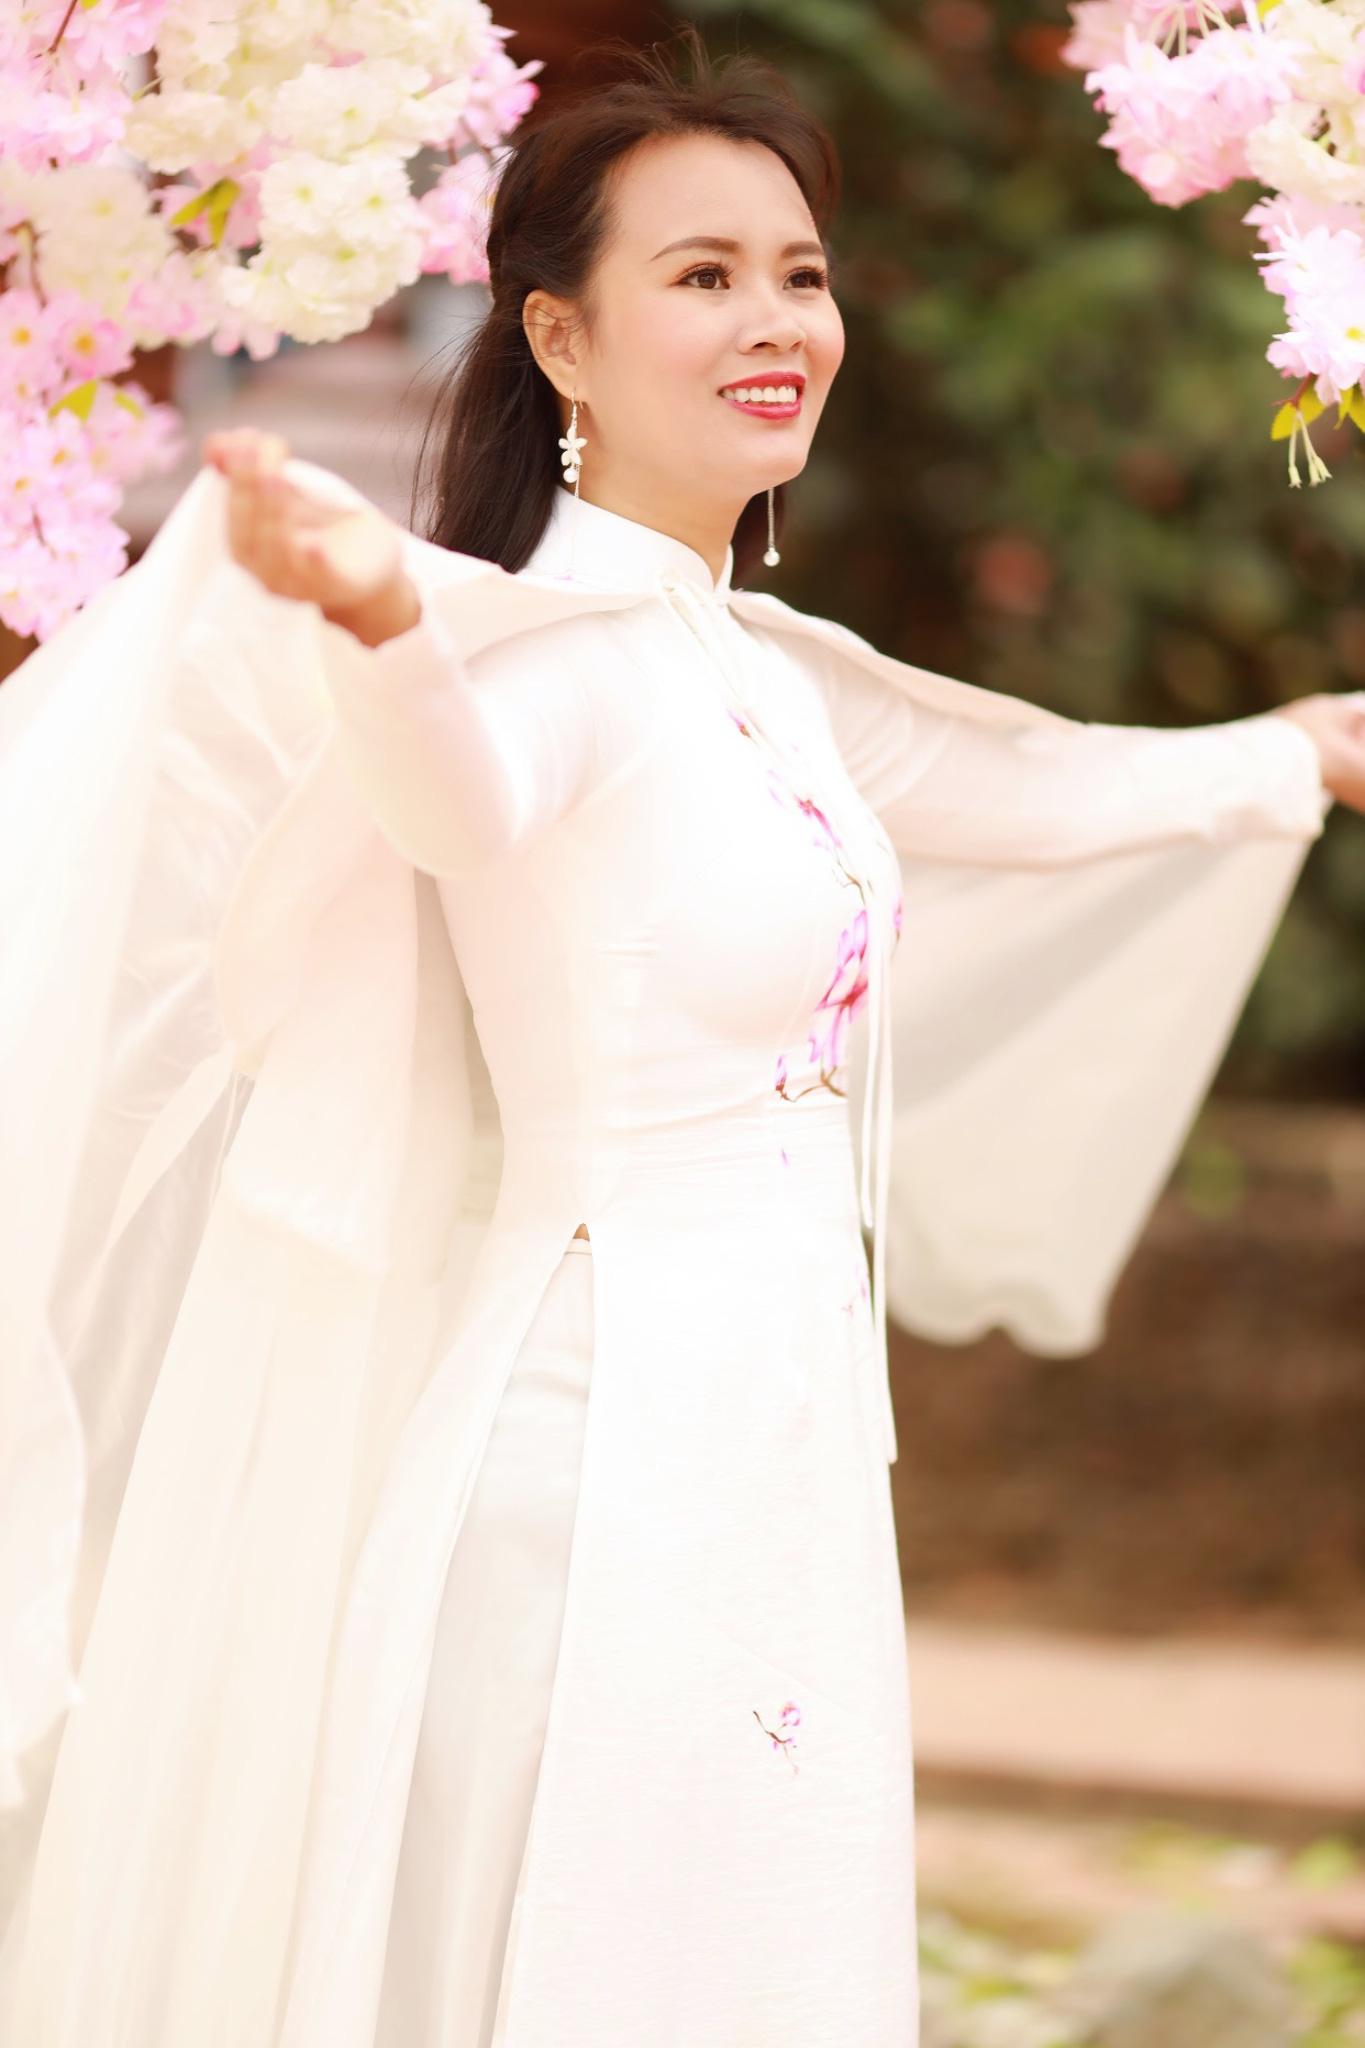 Vẻ đẹp thần tiên tỉ tỉ của Phạm Thị Ngọc Thanh trong bộ ảnh đón xuân - Ảnh 1.